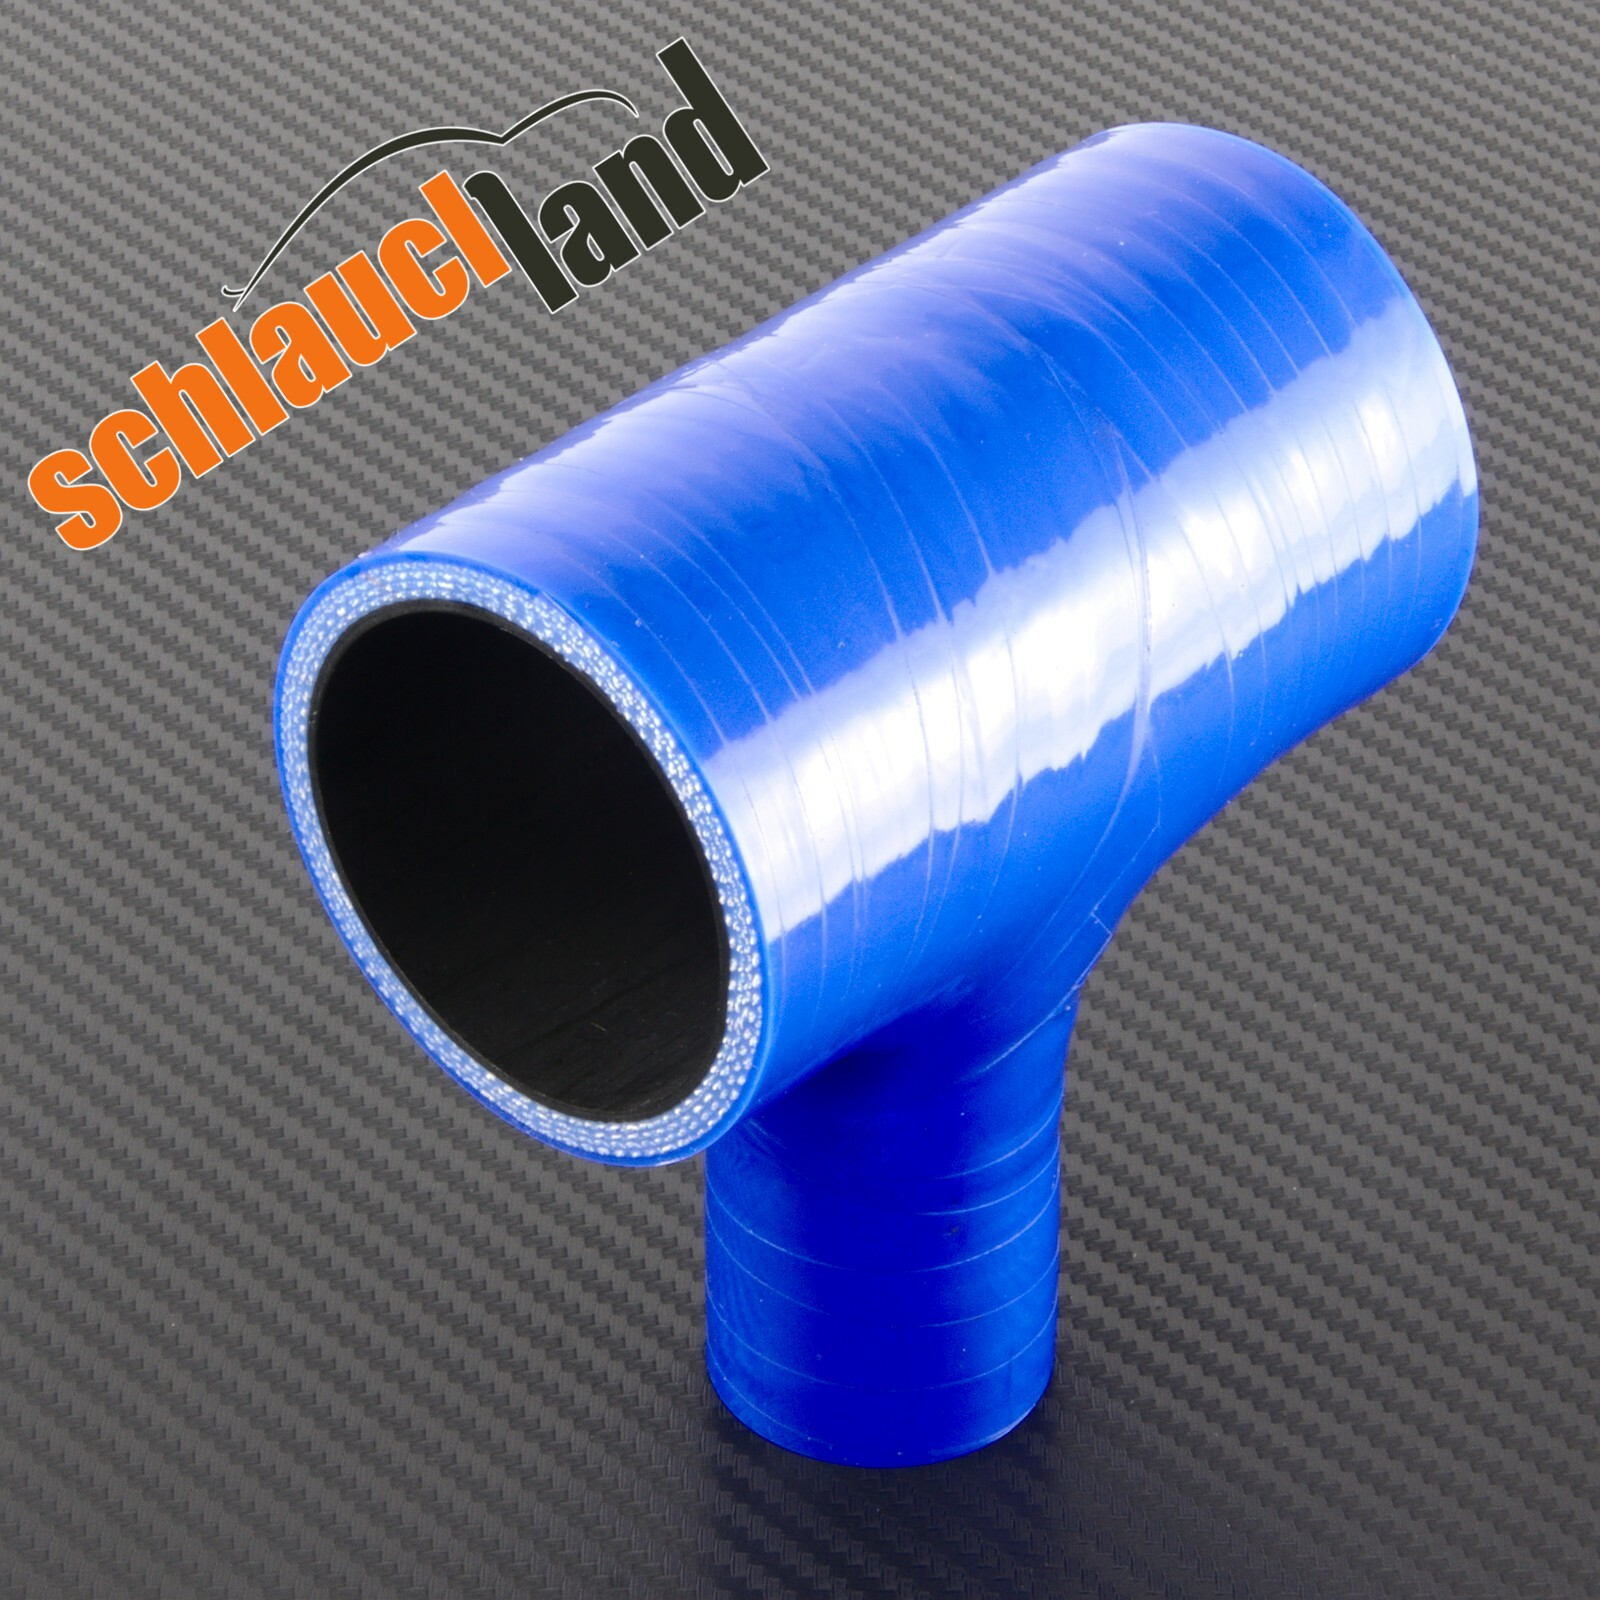 90/° Silikon-Reduzierbogen ID 45-30mm blau*** Silikonschlauch Turboschlauch Reduzierst/ück